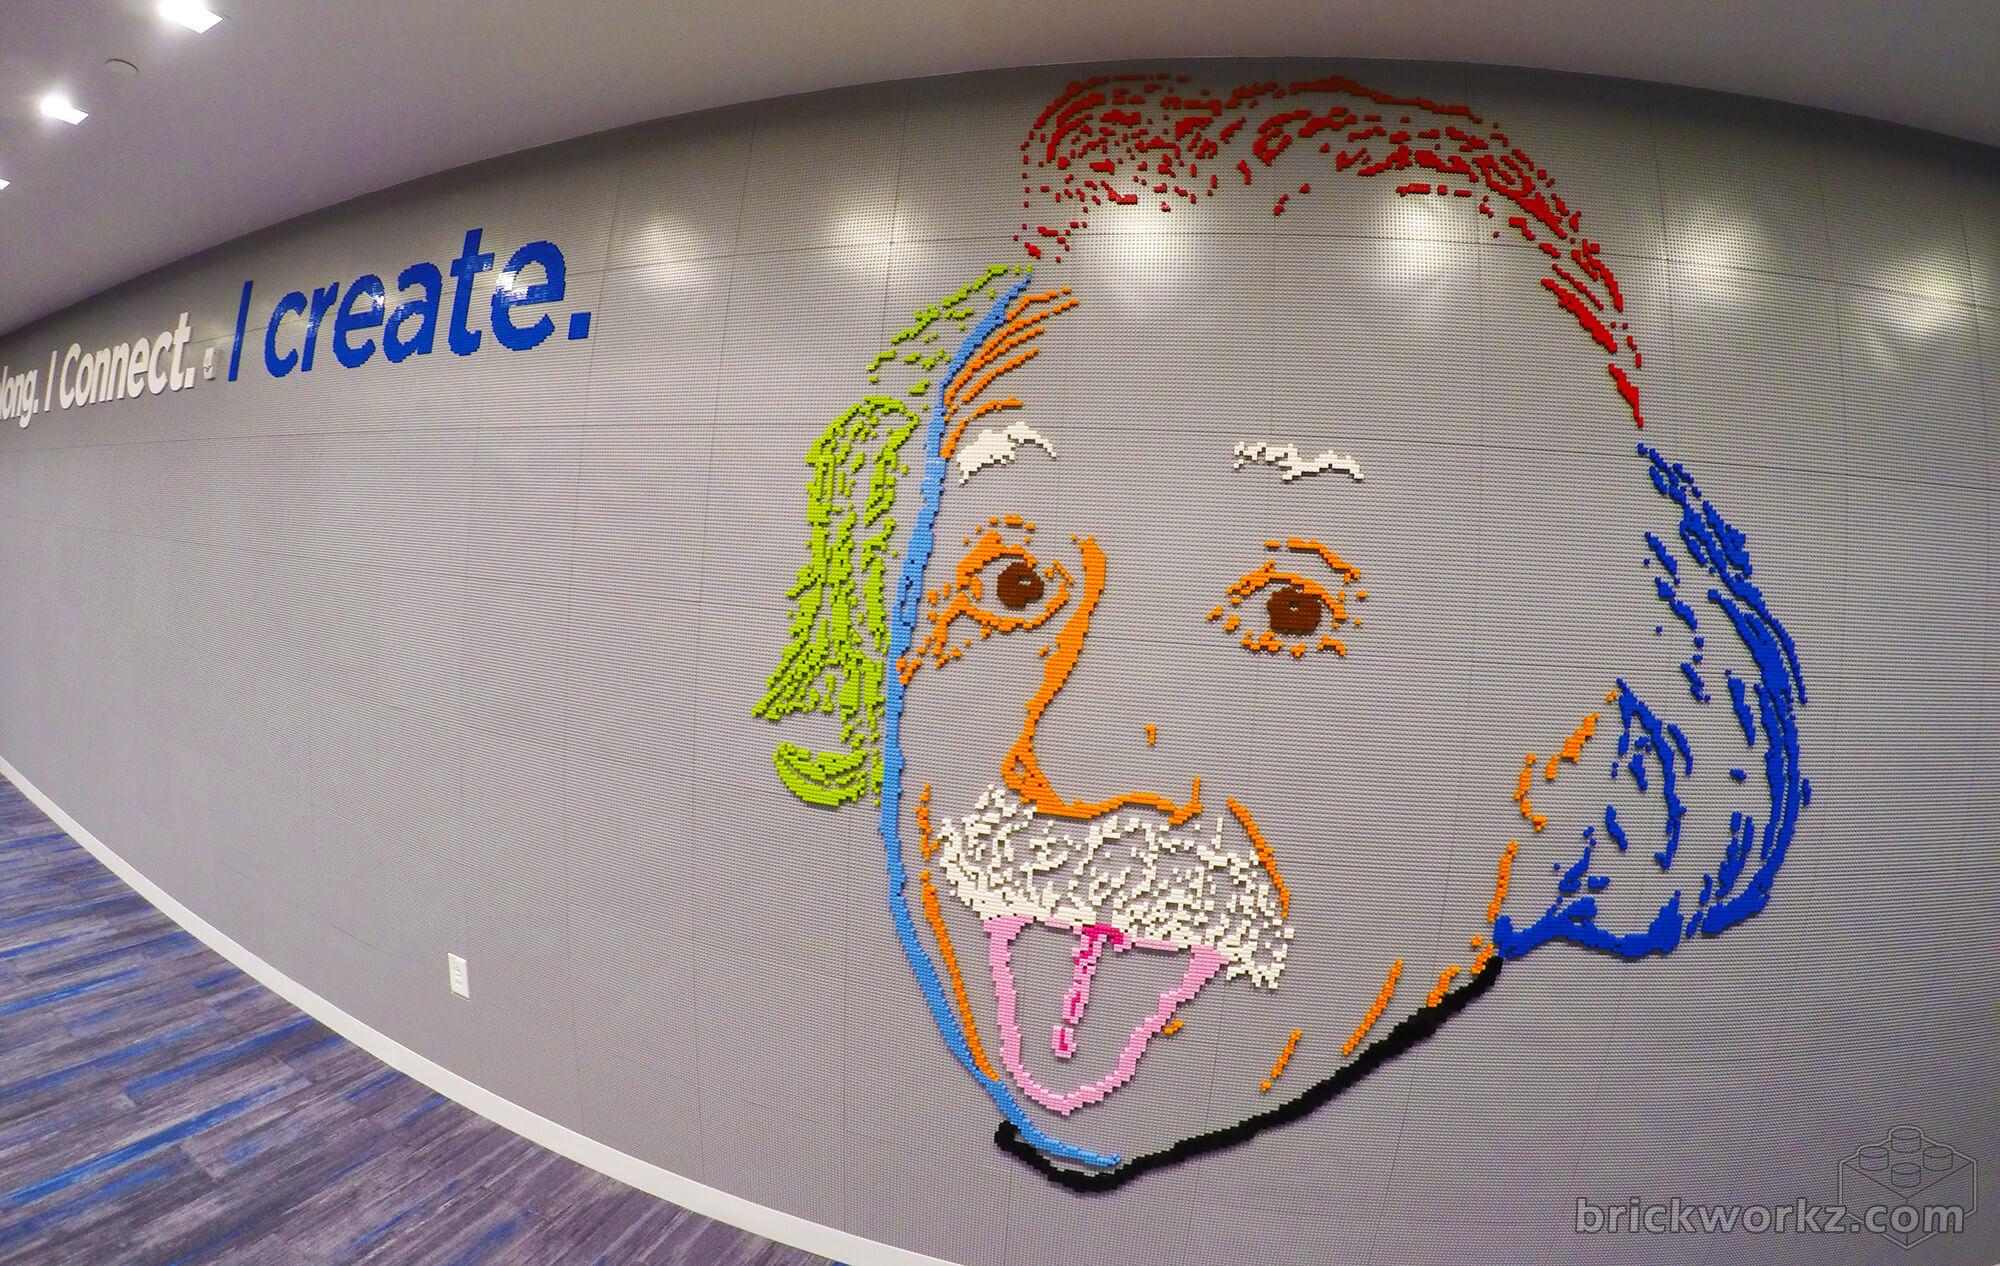 lego-art-metlife-creative-lego-wall-wm2